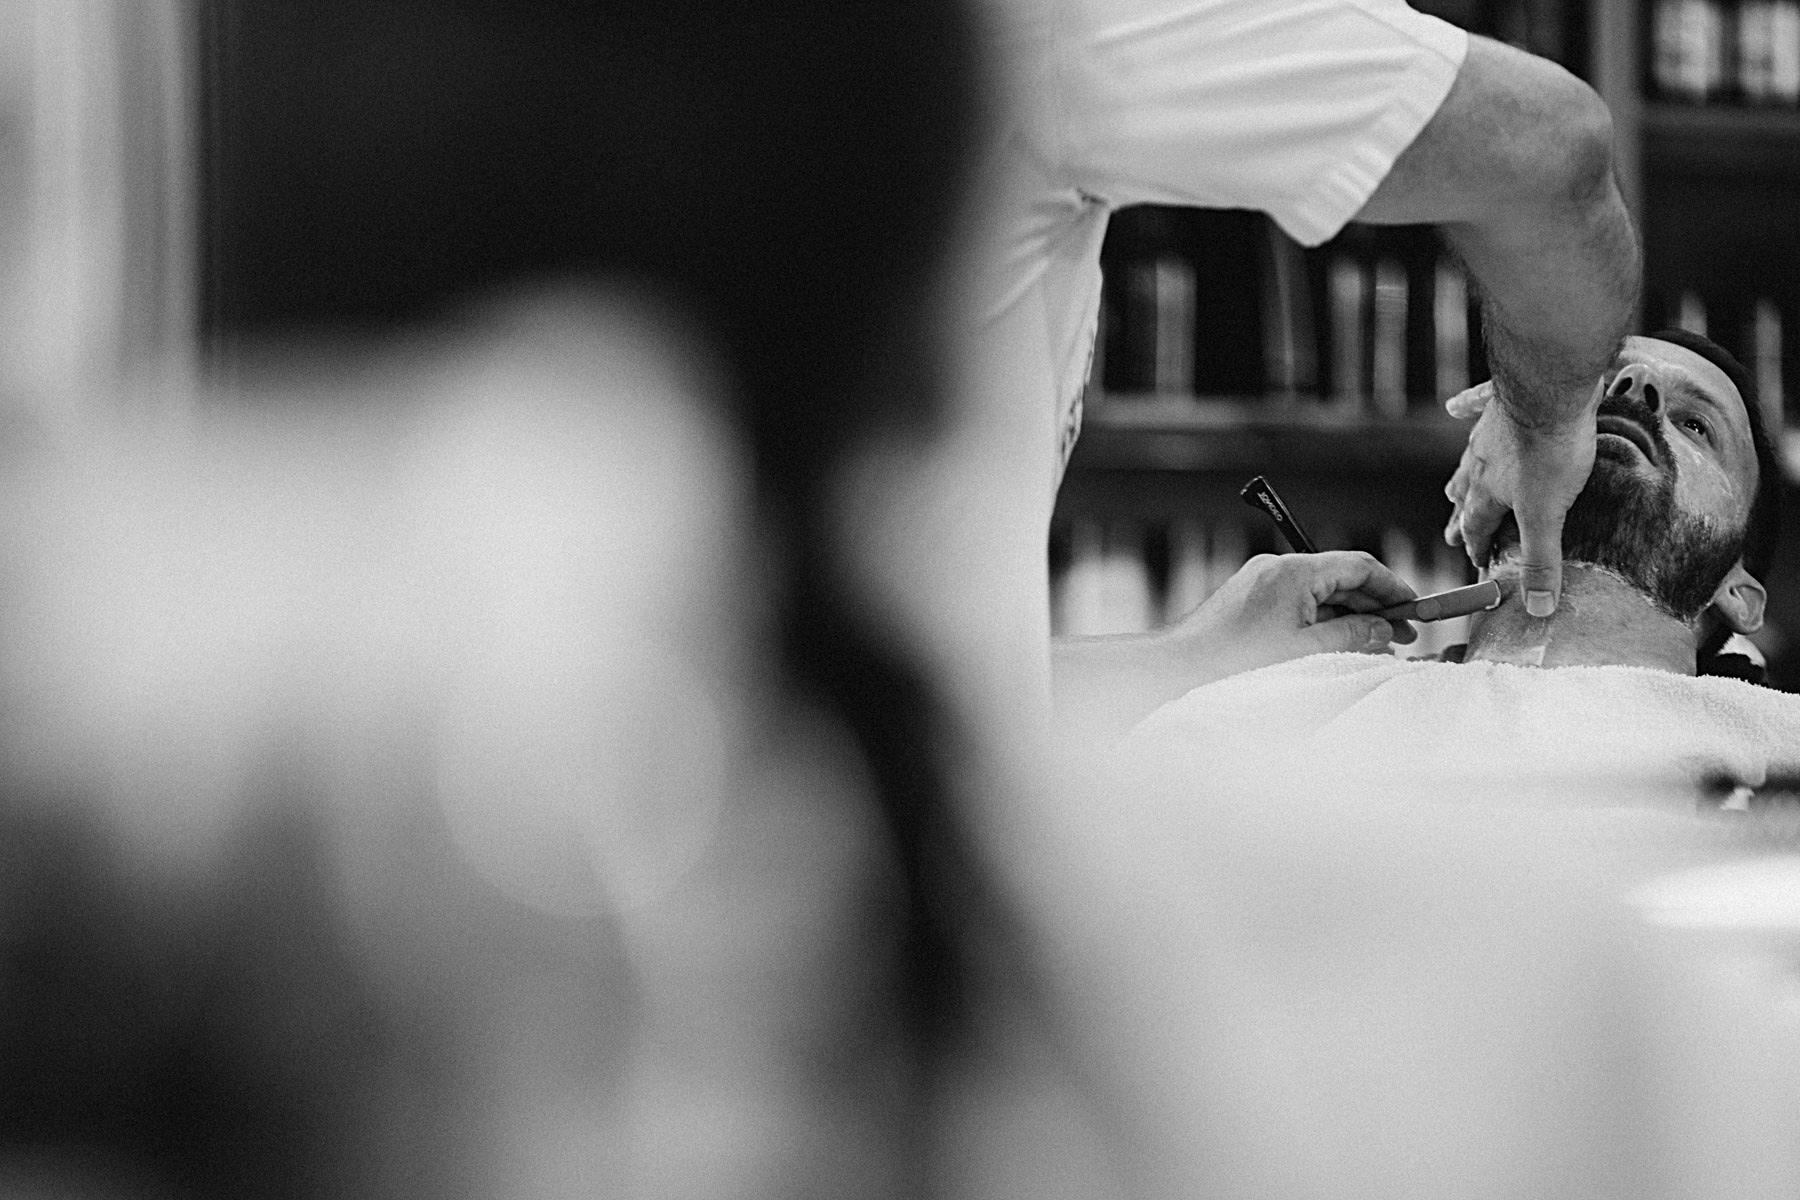 brudgum snyggar till sig inför bröllop